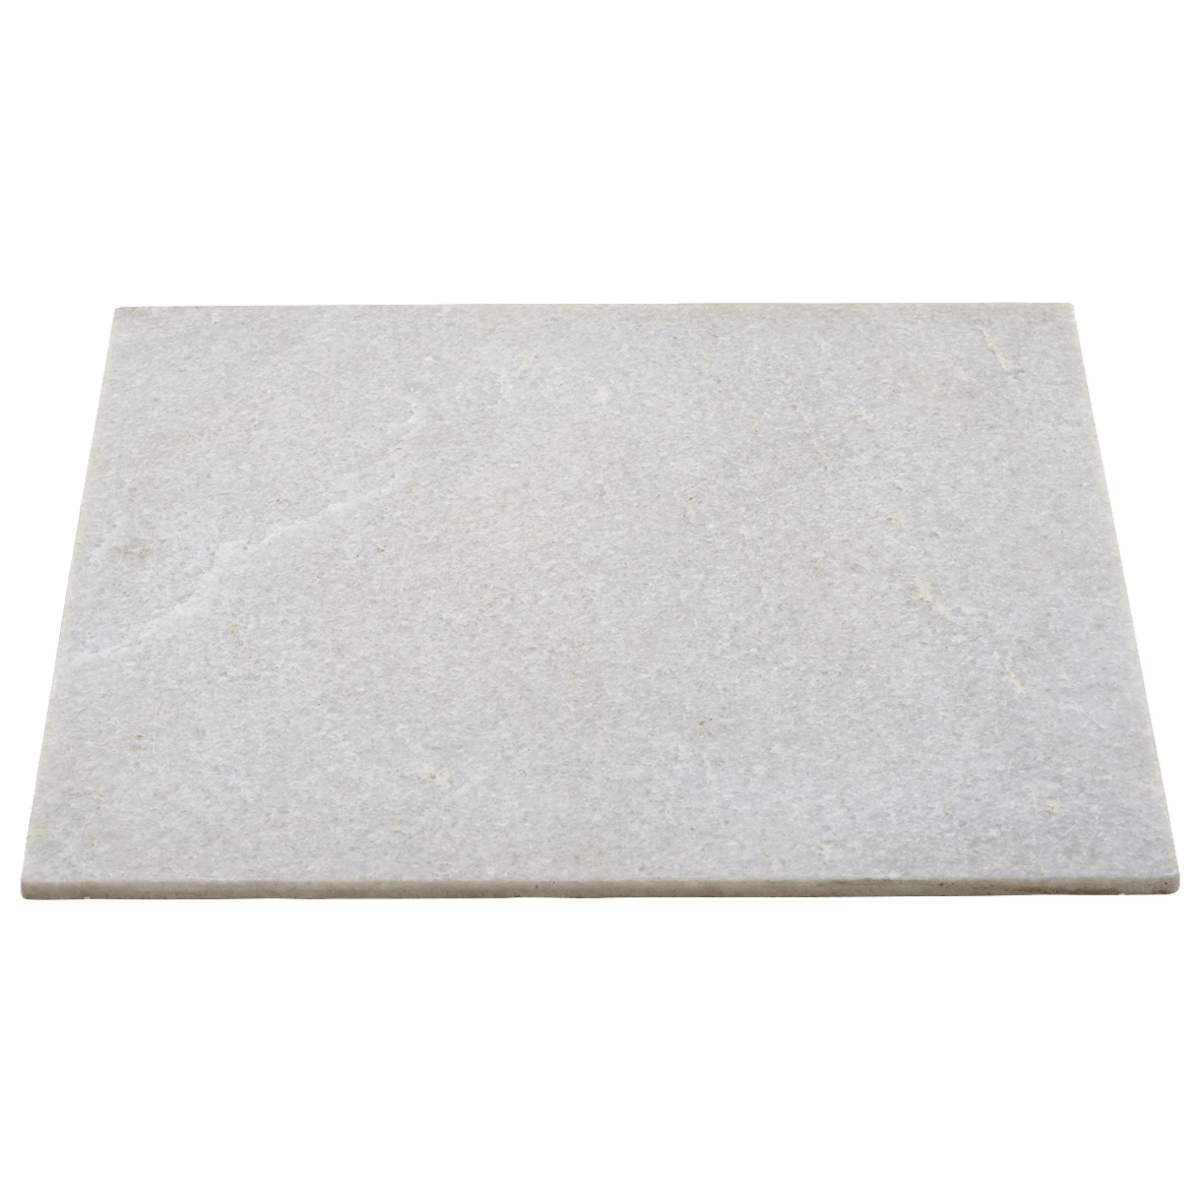 Bílá mramorová deska na stůl Marble